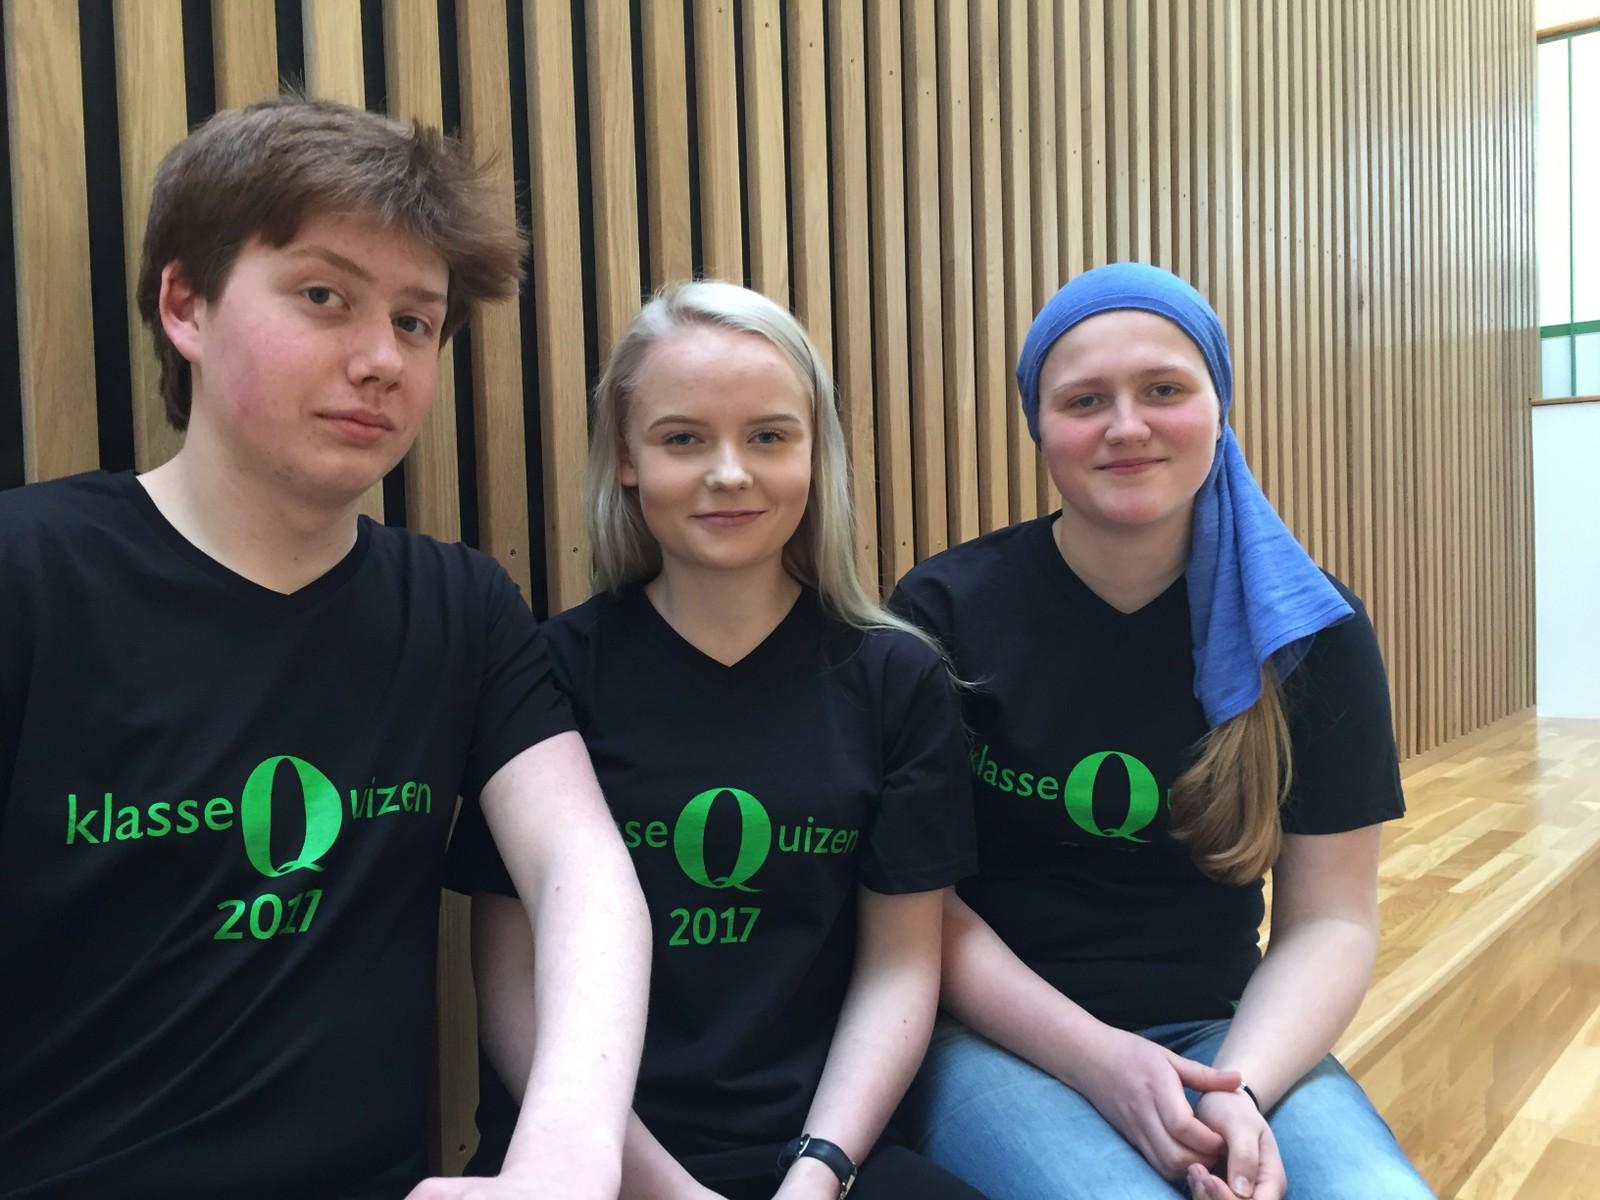 OVERHALLA BARNE- OG UNGDOMSSKOLE: Fra venstre: Daniel Risvik Hugås, Julie Holter og Hilde Lund Moen.